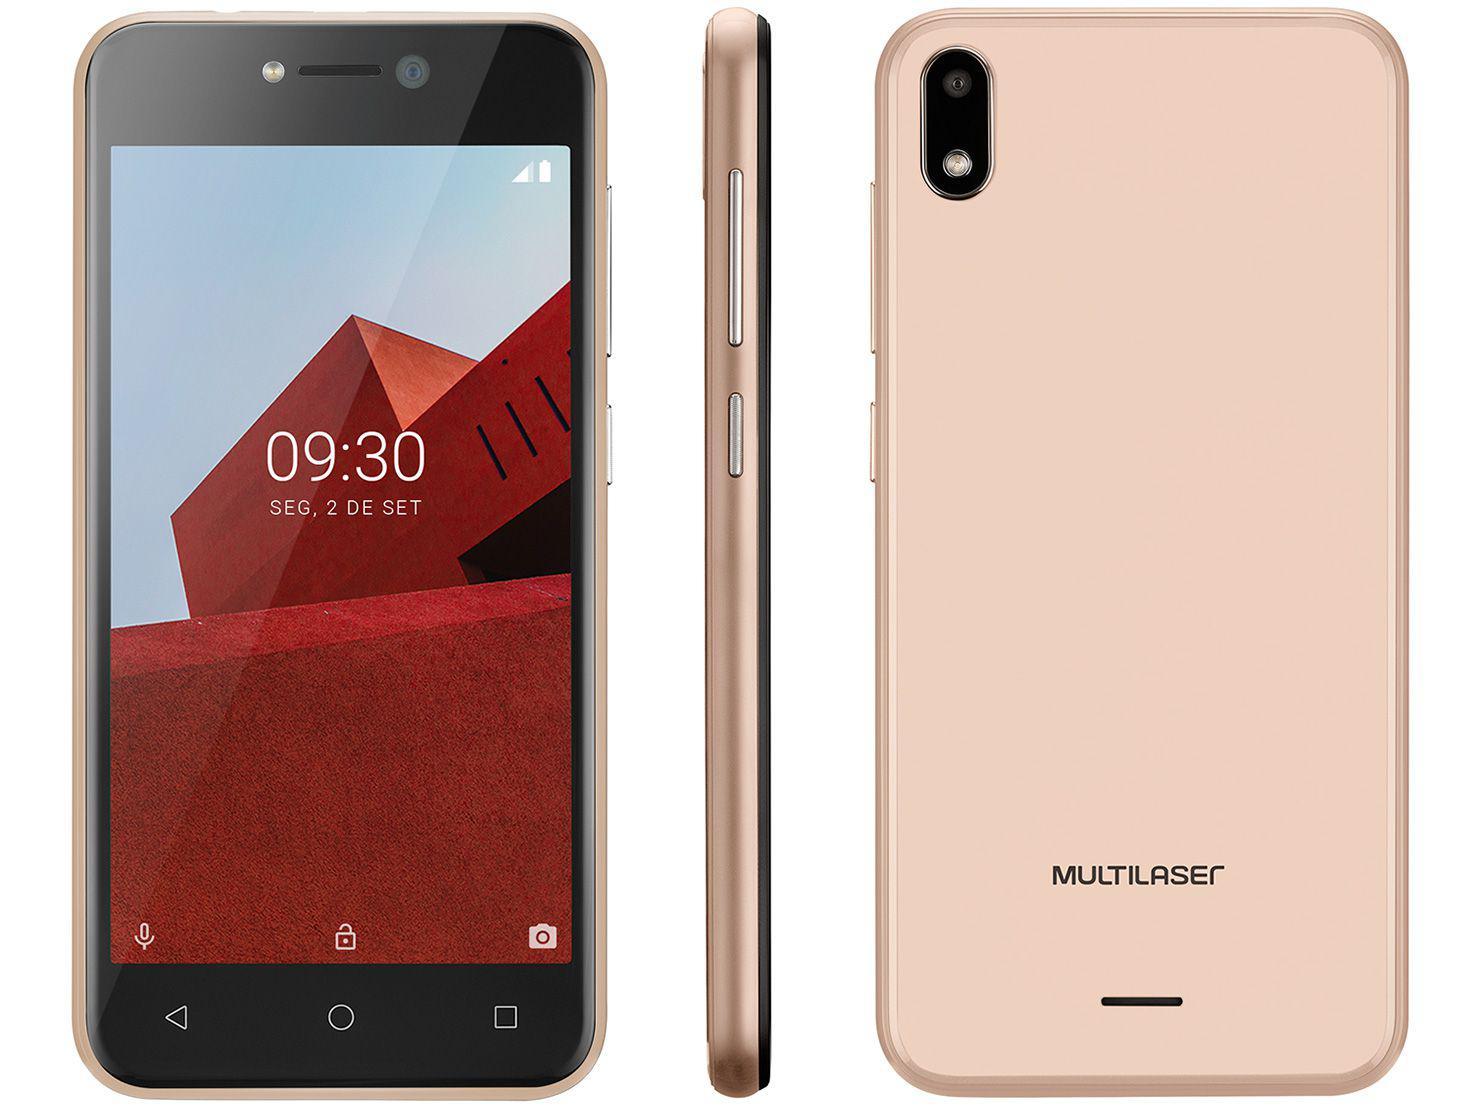 """Smartphone Multilaser E P9129 32GB Dourado 3G - Quad-Core 512MB 5"""" Câm. 5MP Dual Chip"""